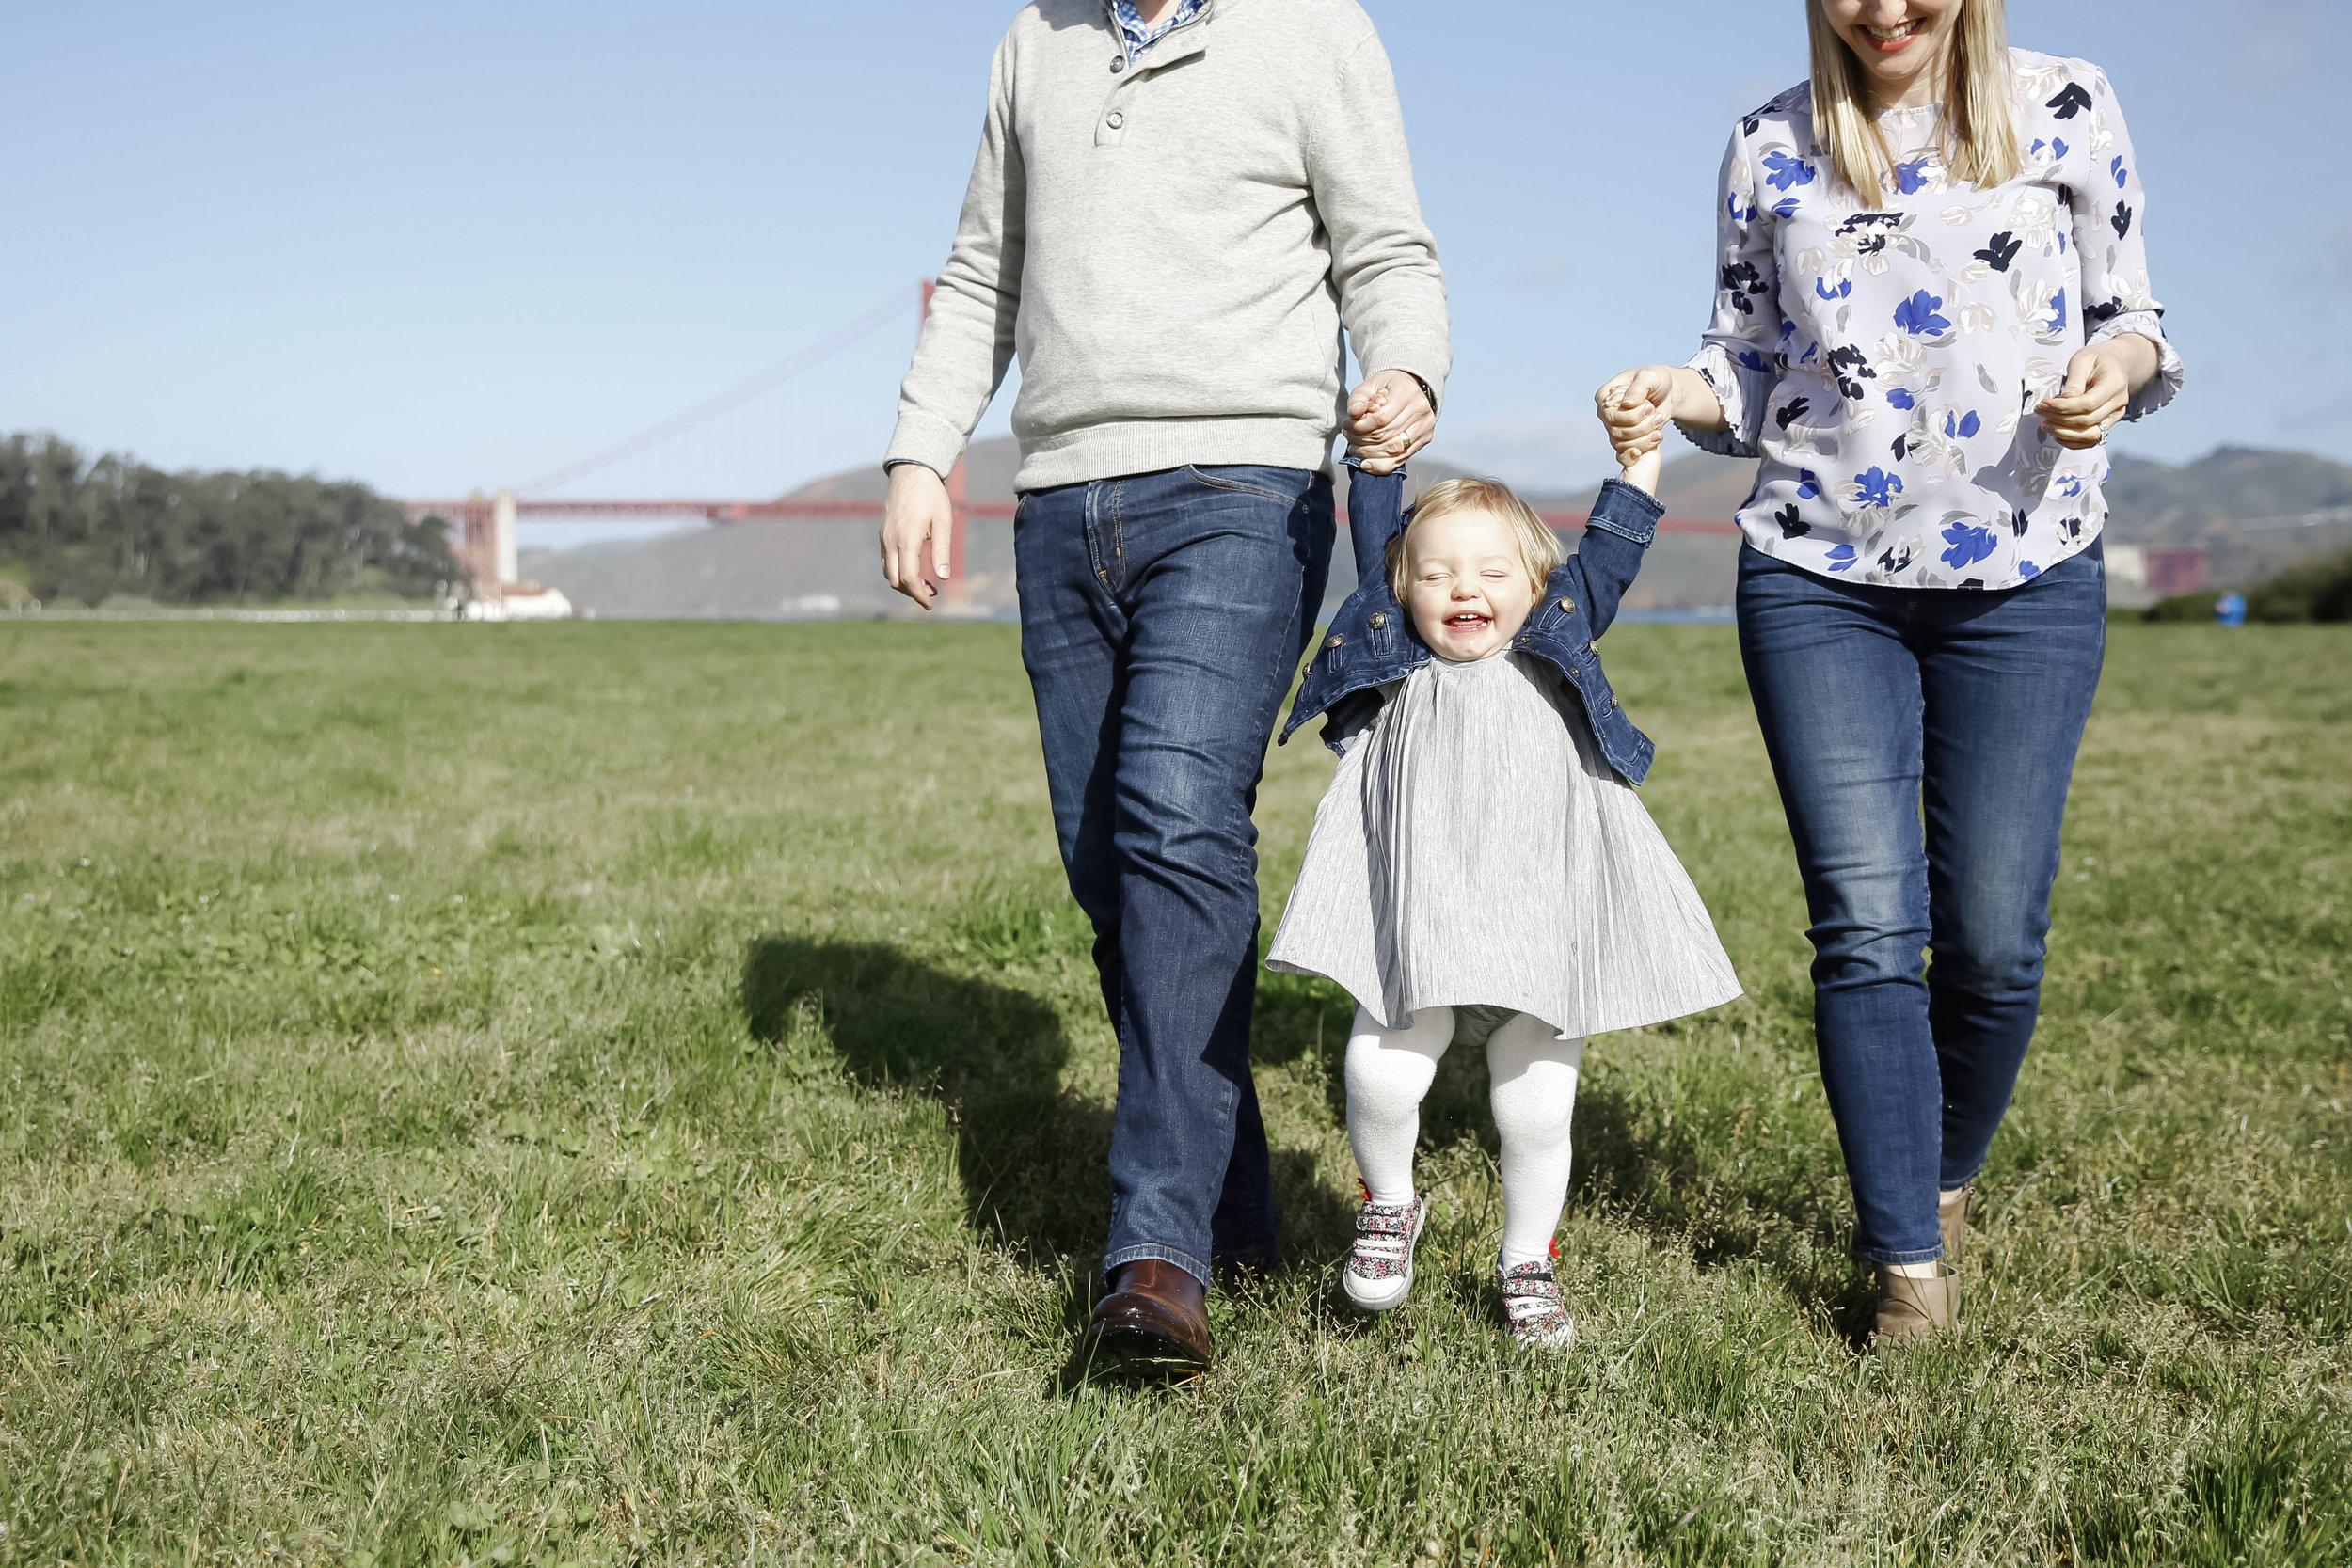 fellowsfamily-ahp-00204.jpg